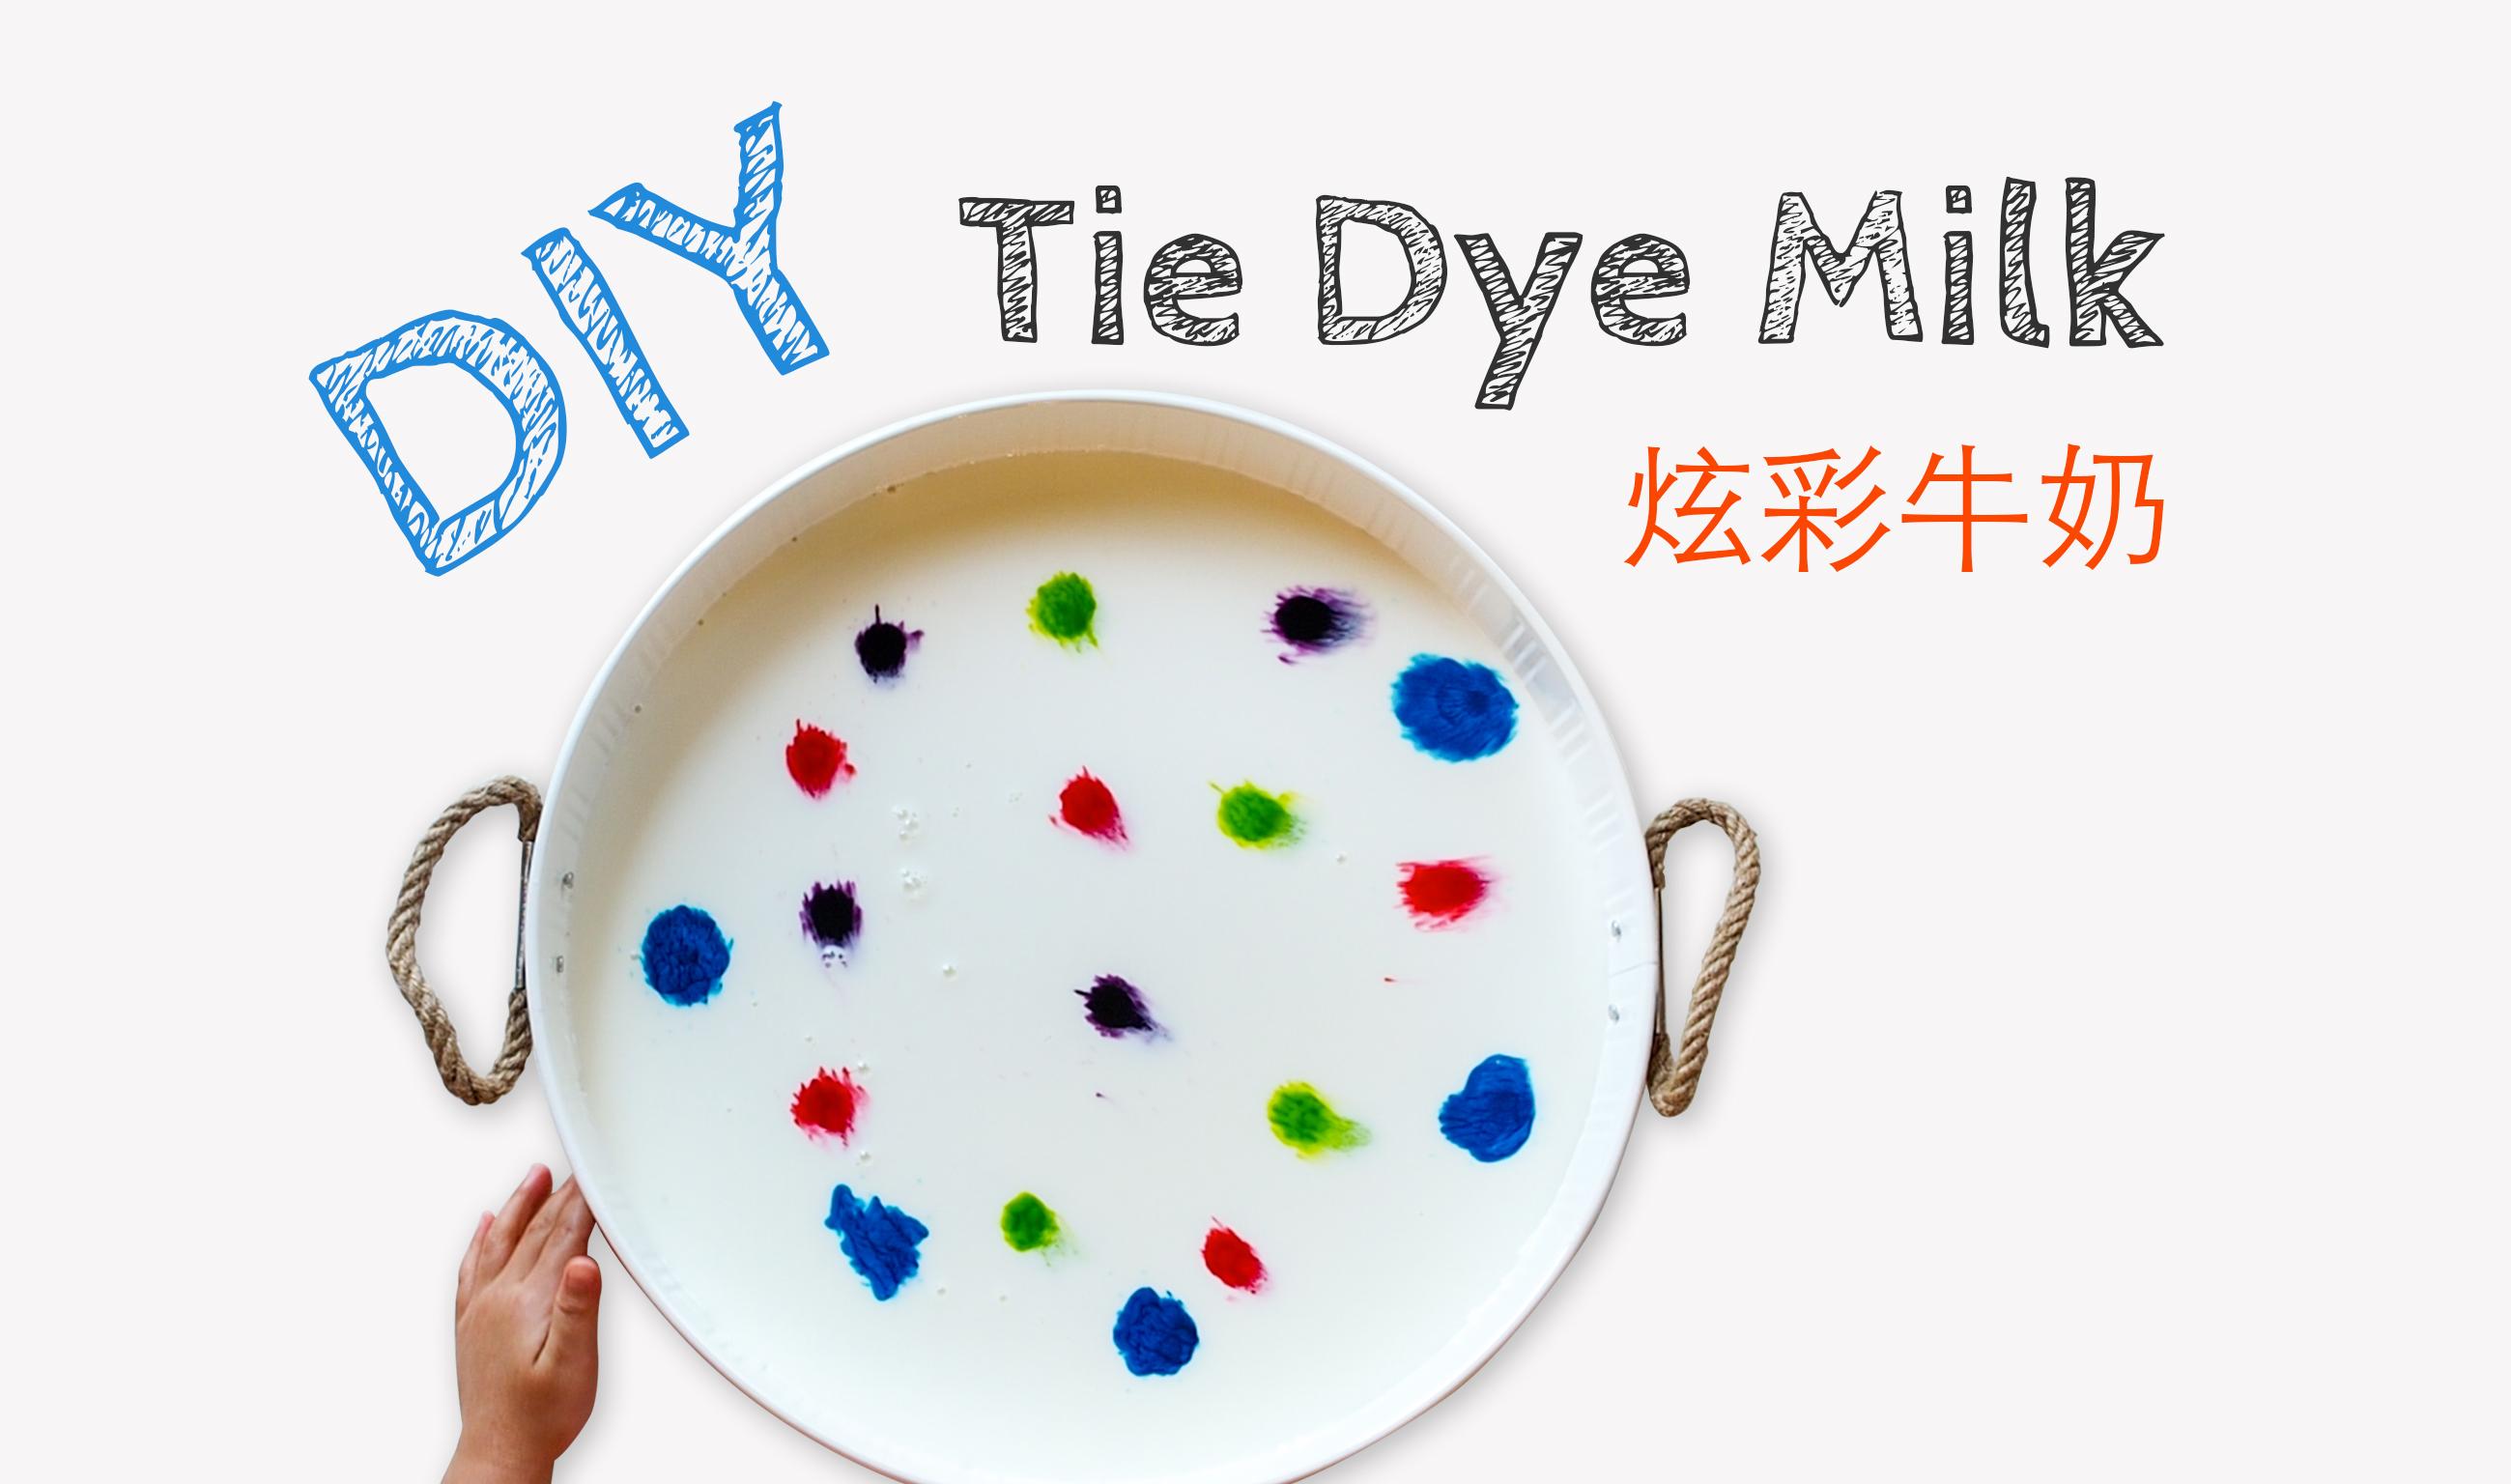 DIY 炫彩牛奶 DIY Tie Dye Milk